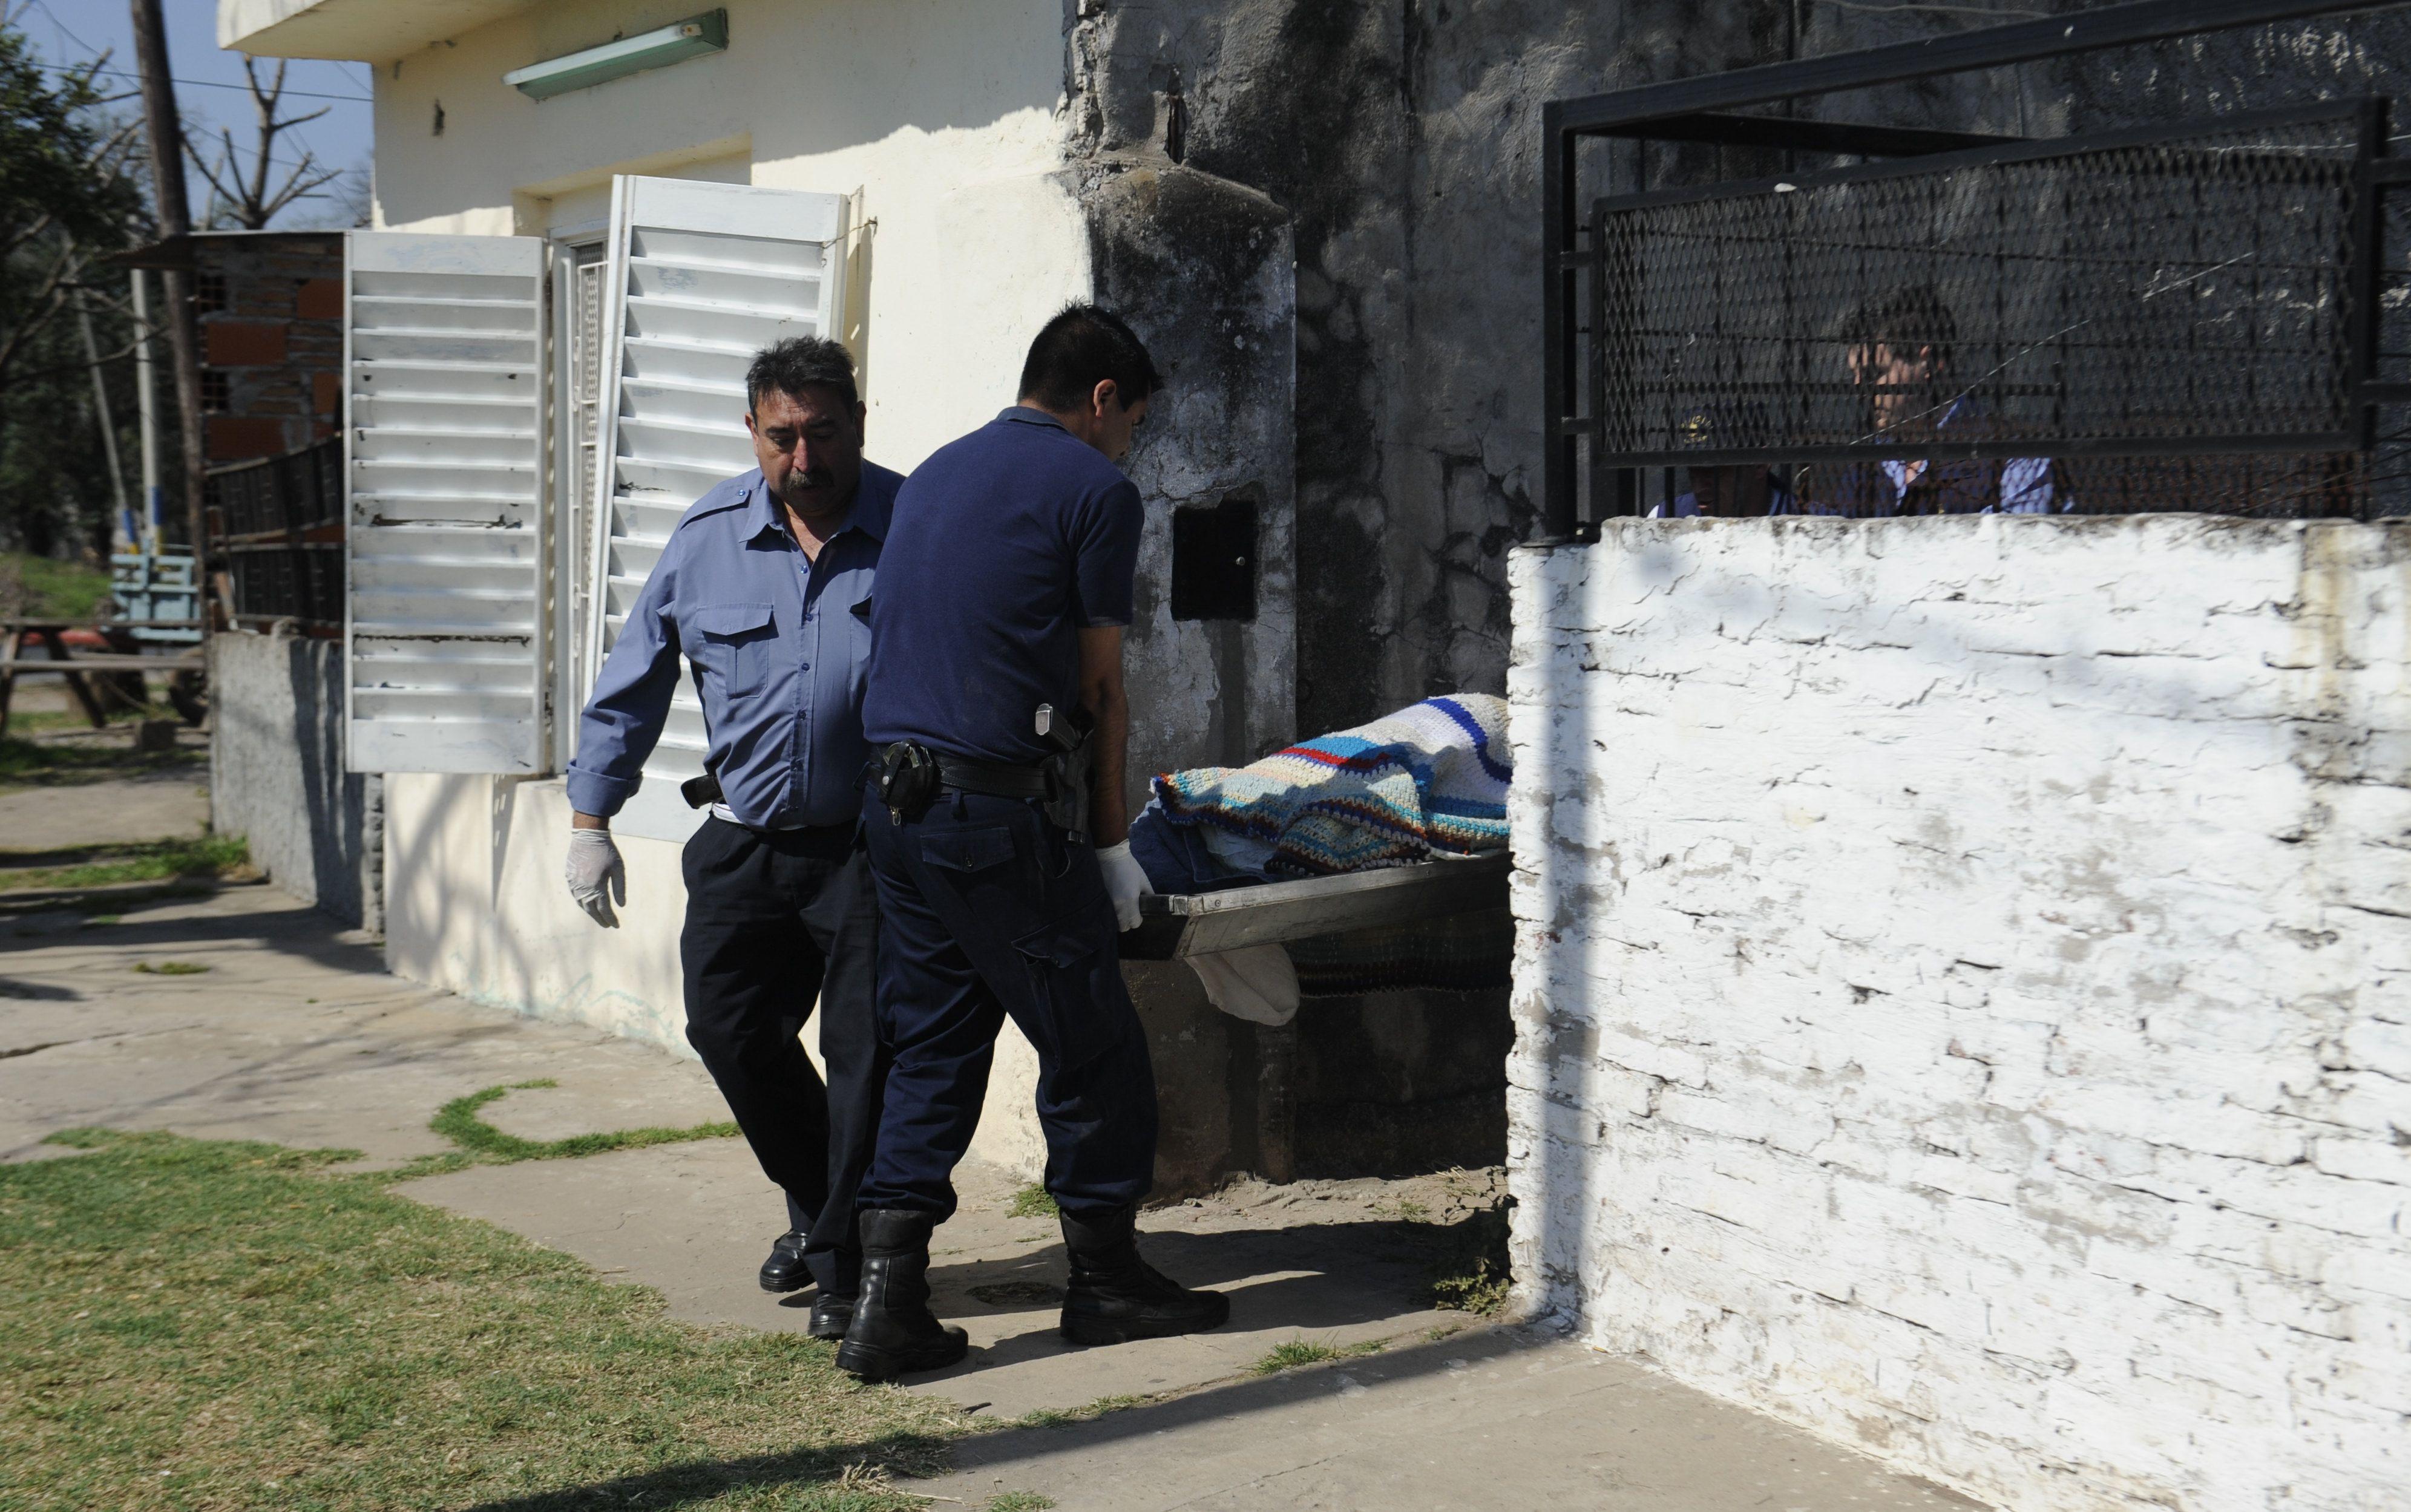 El crimen ocurrió esta mañana en un una vivienda de Bouchard al 3000. (Foto: H. Rio)